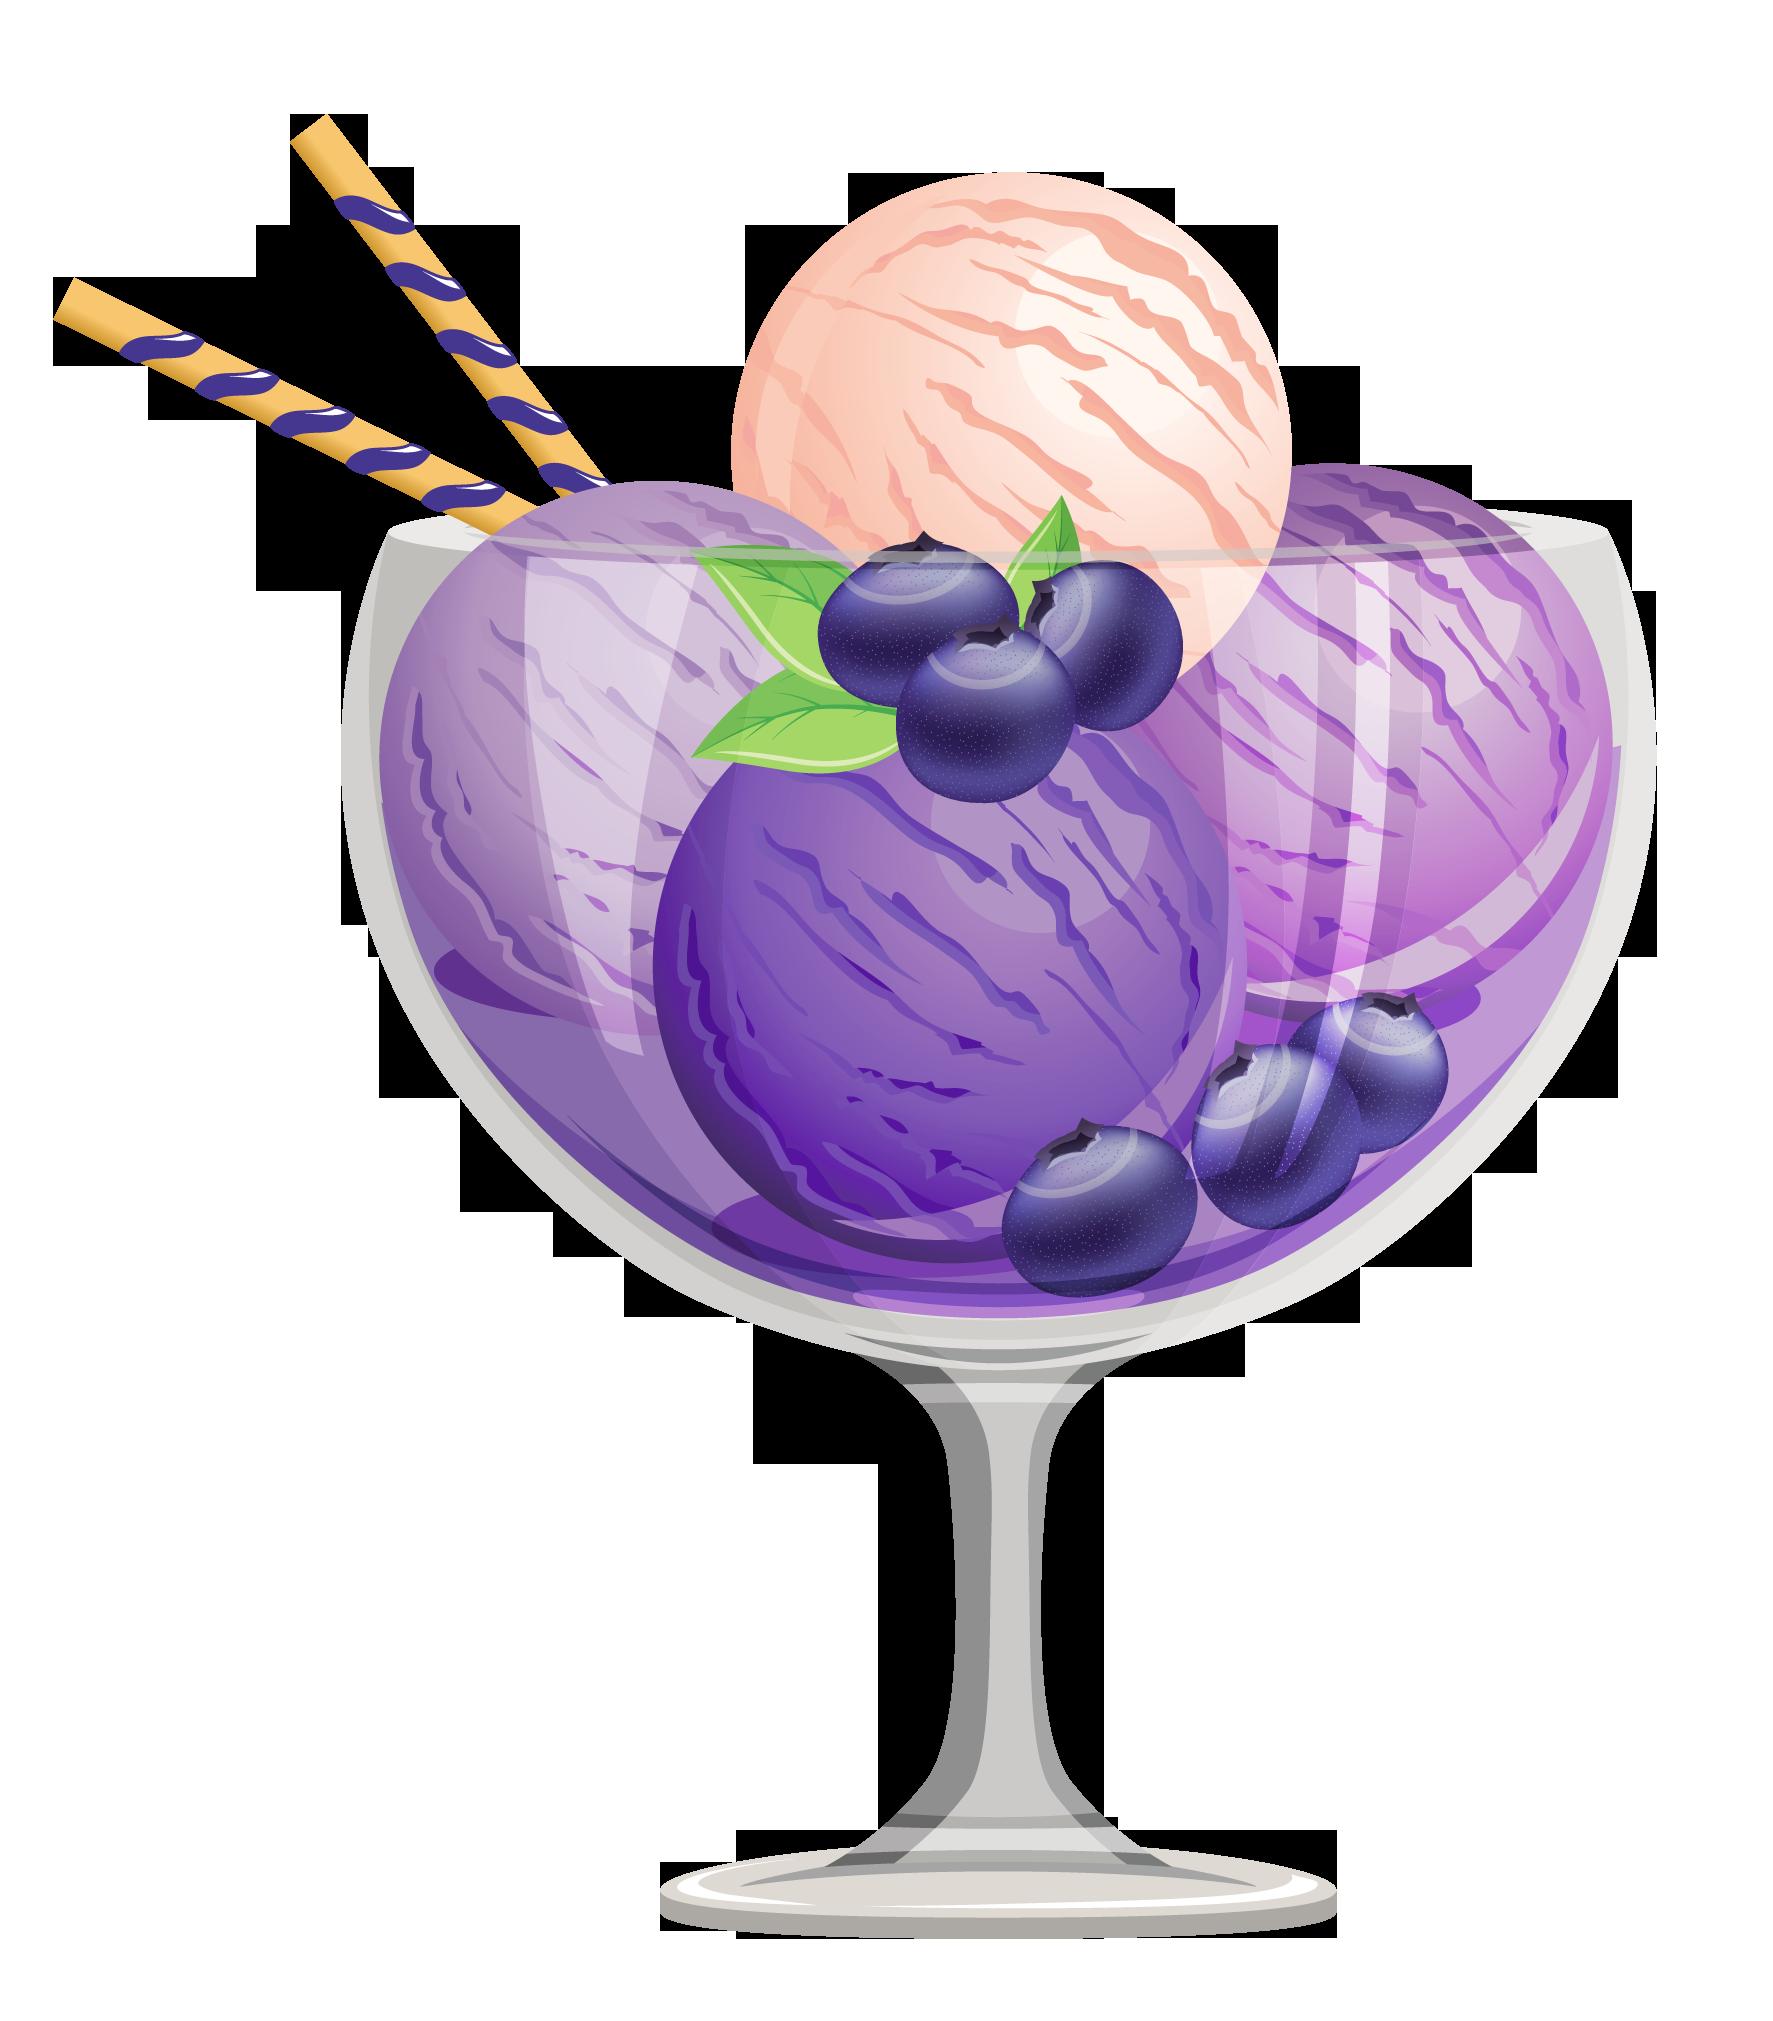 Ice Cream Sundae Ice Cream Cones Cute Clipart And On Clipartix Blueberry Ice Cream Ice Cream Sundae Dessert Illustration